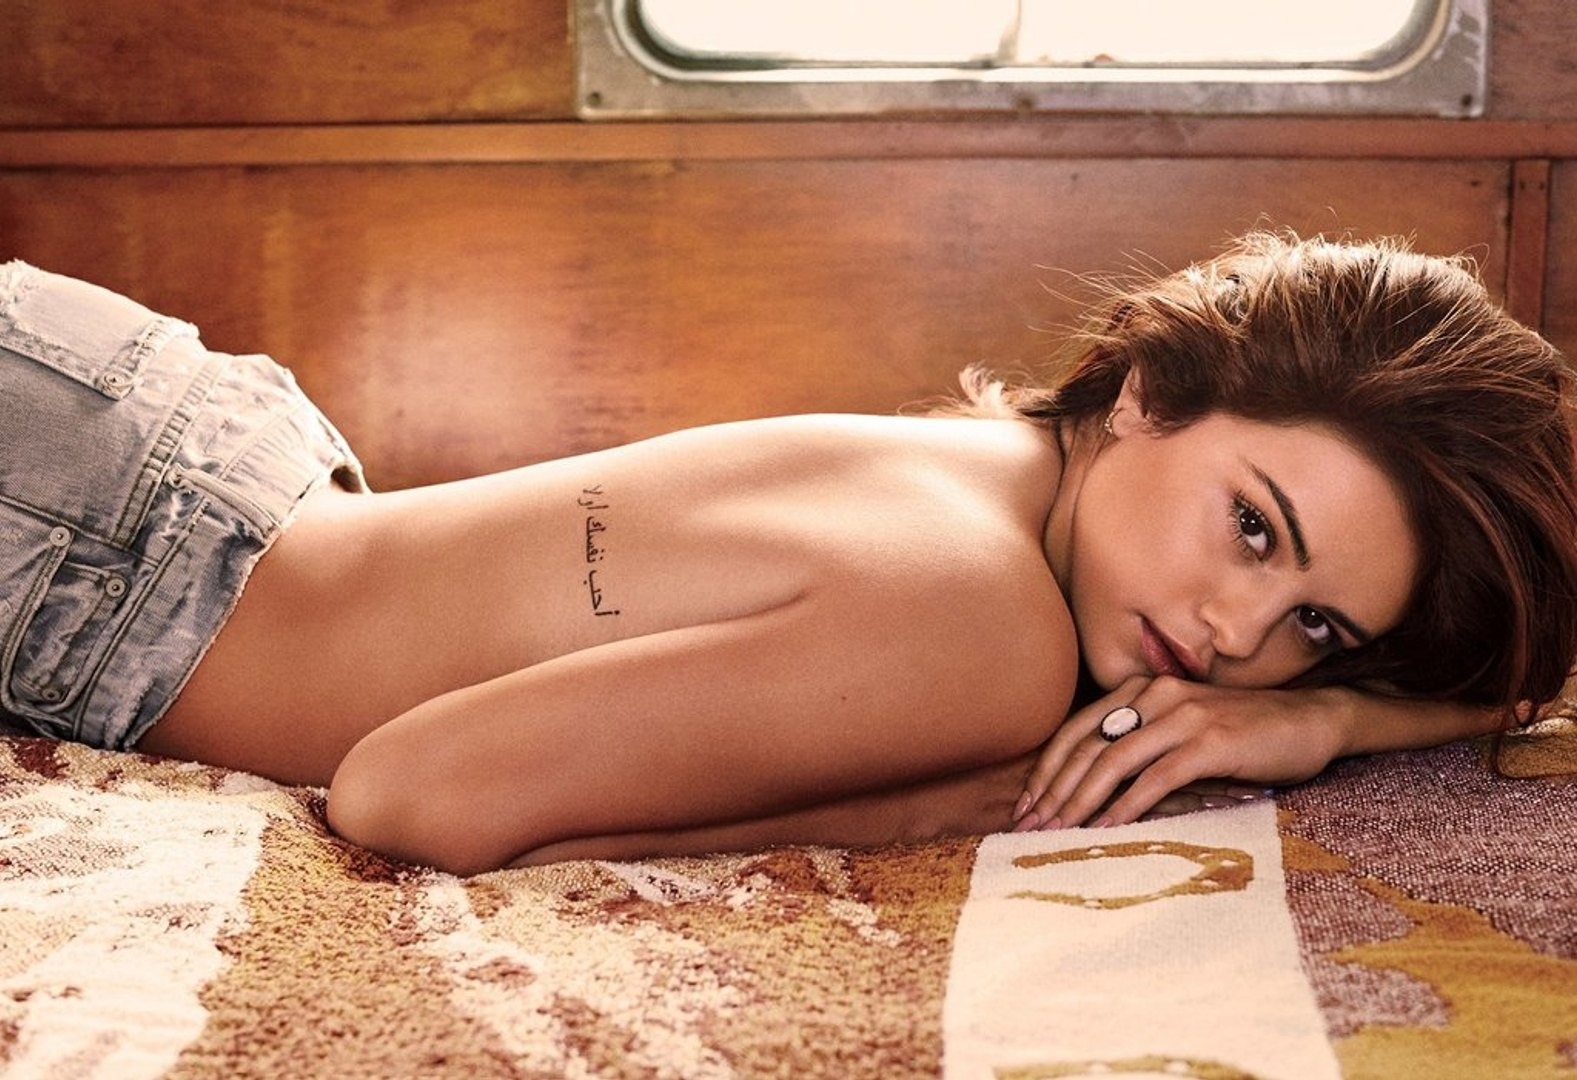 Selena gomez playboy